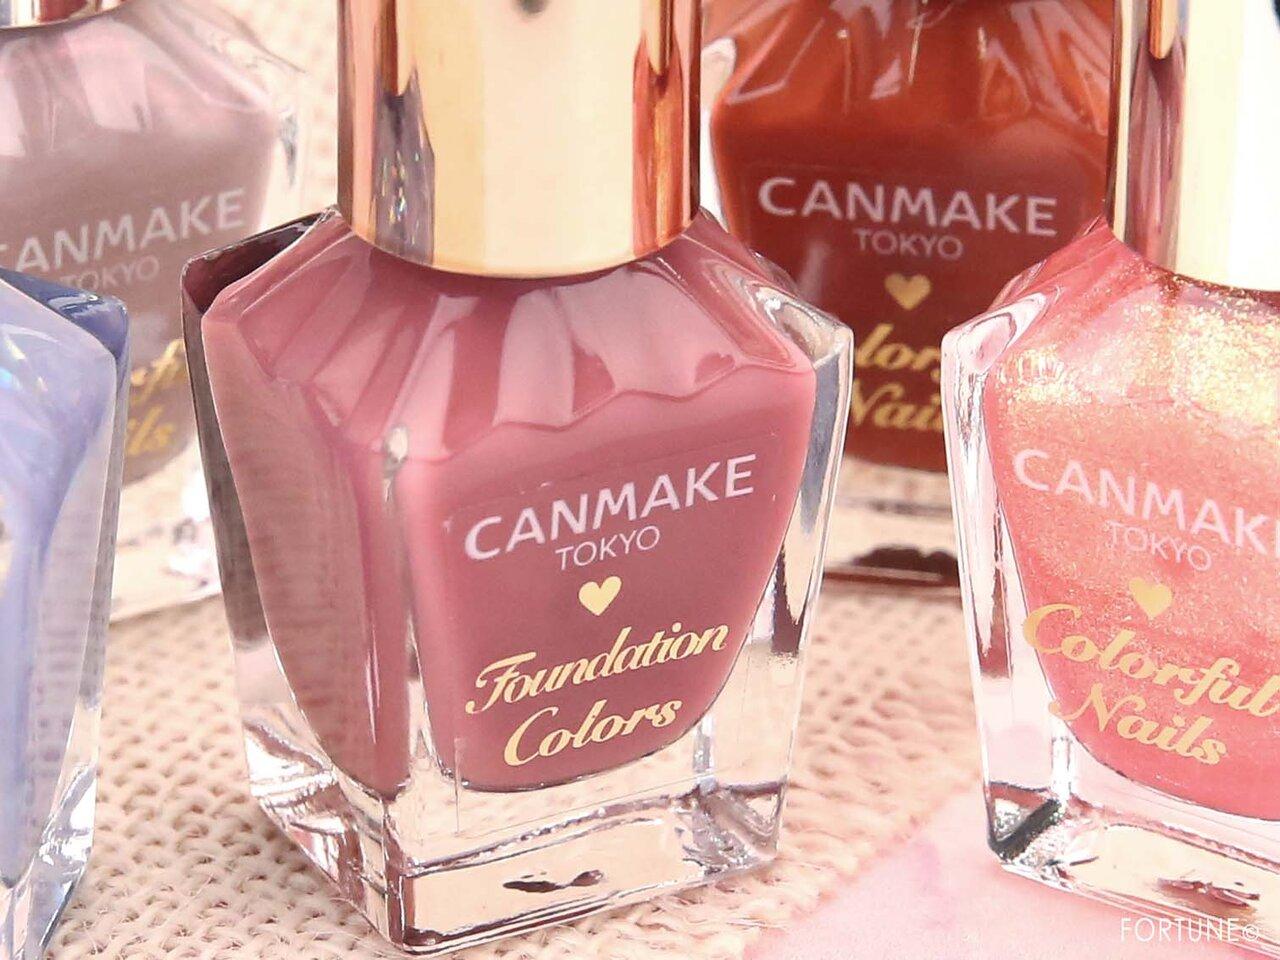 画像:CANMAKE(キャンメイク)「ファンデーションカラーズ」「カラフルネイルズ」